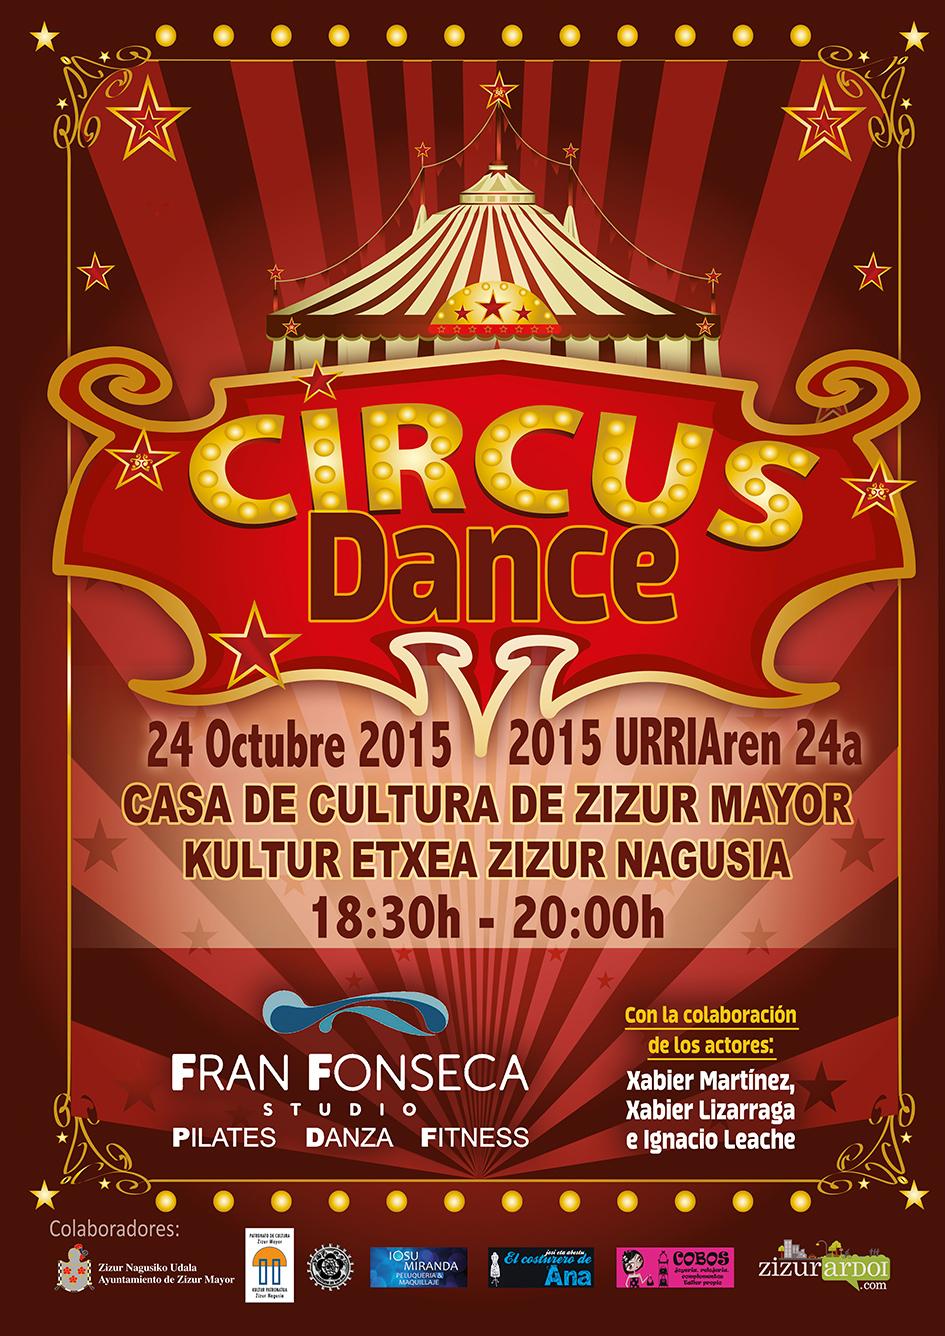 CARTEL-CIRCUS-DANCE-FRAMFONSECA